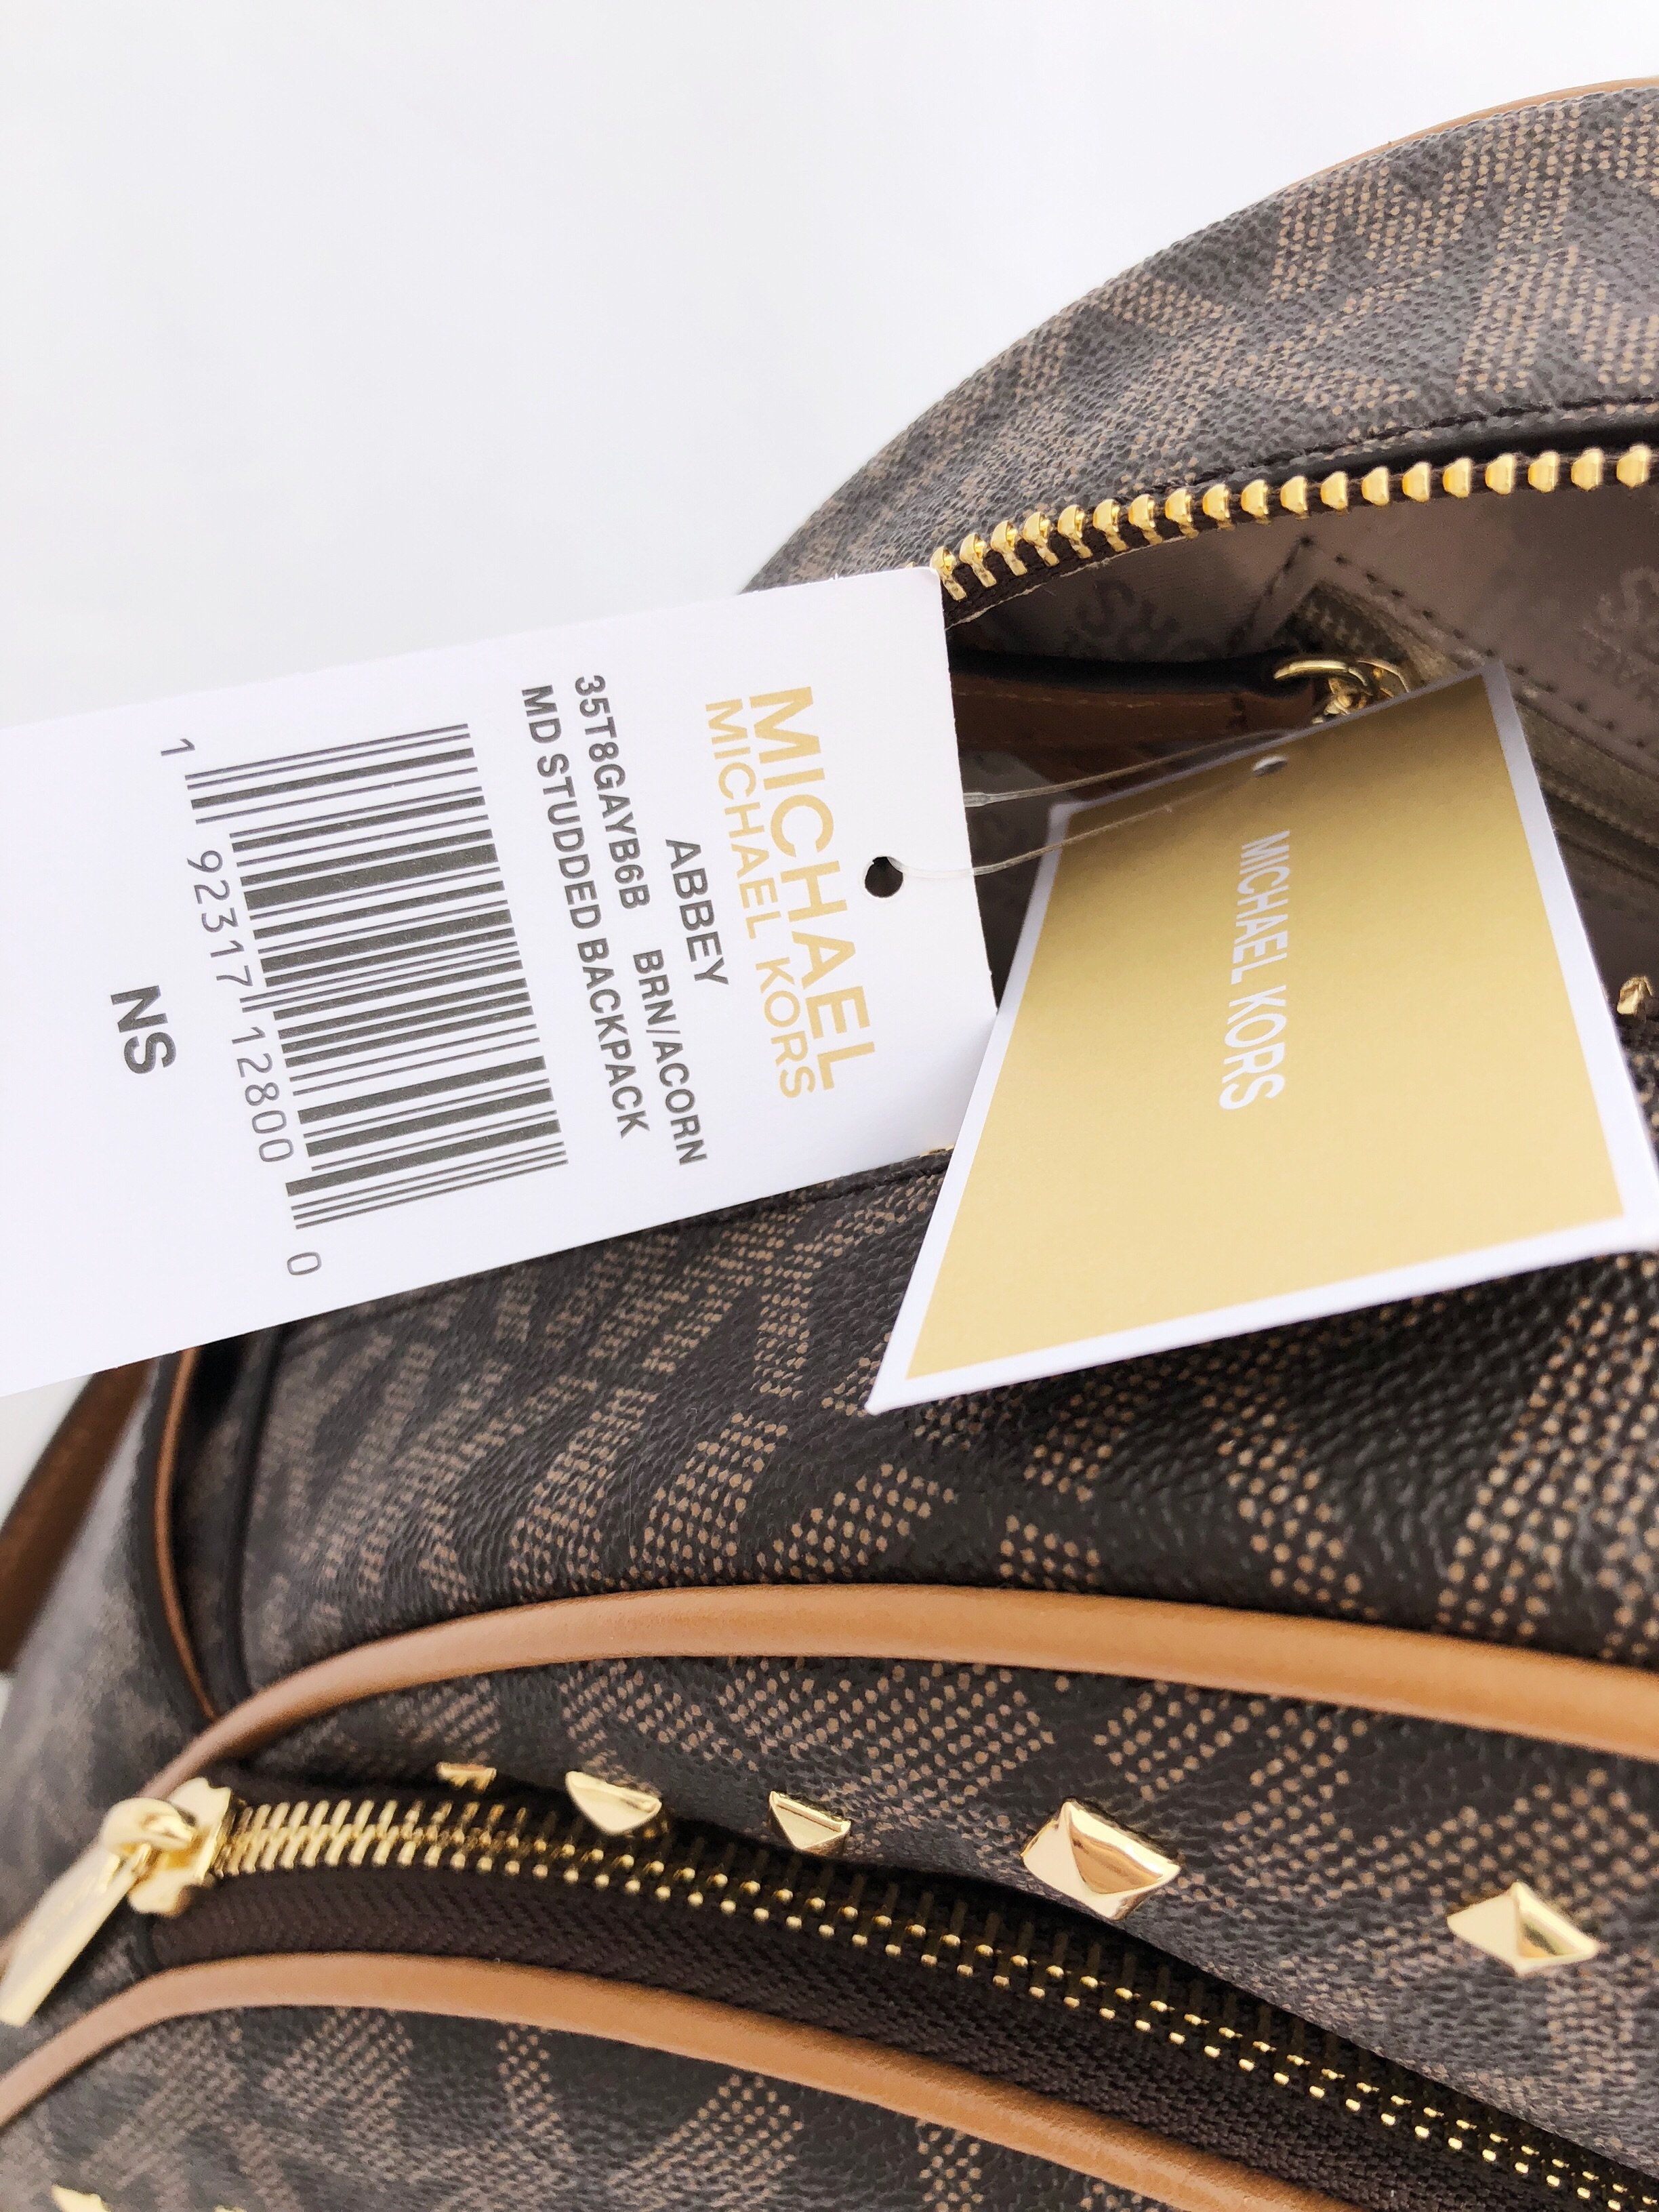 a666d03746 Michael Kors - Abbey Medium Backpack Brown MK Signature Stud Acorn -  Walmart.com